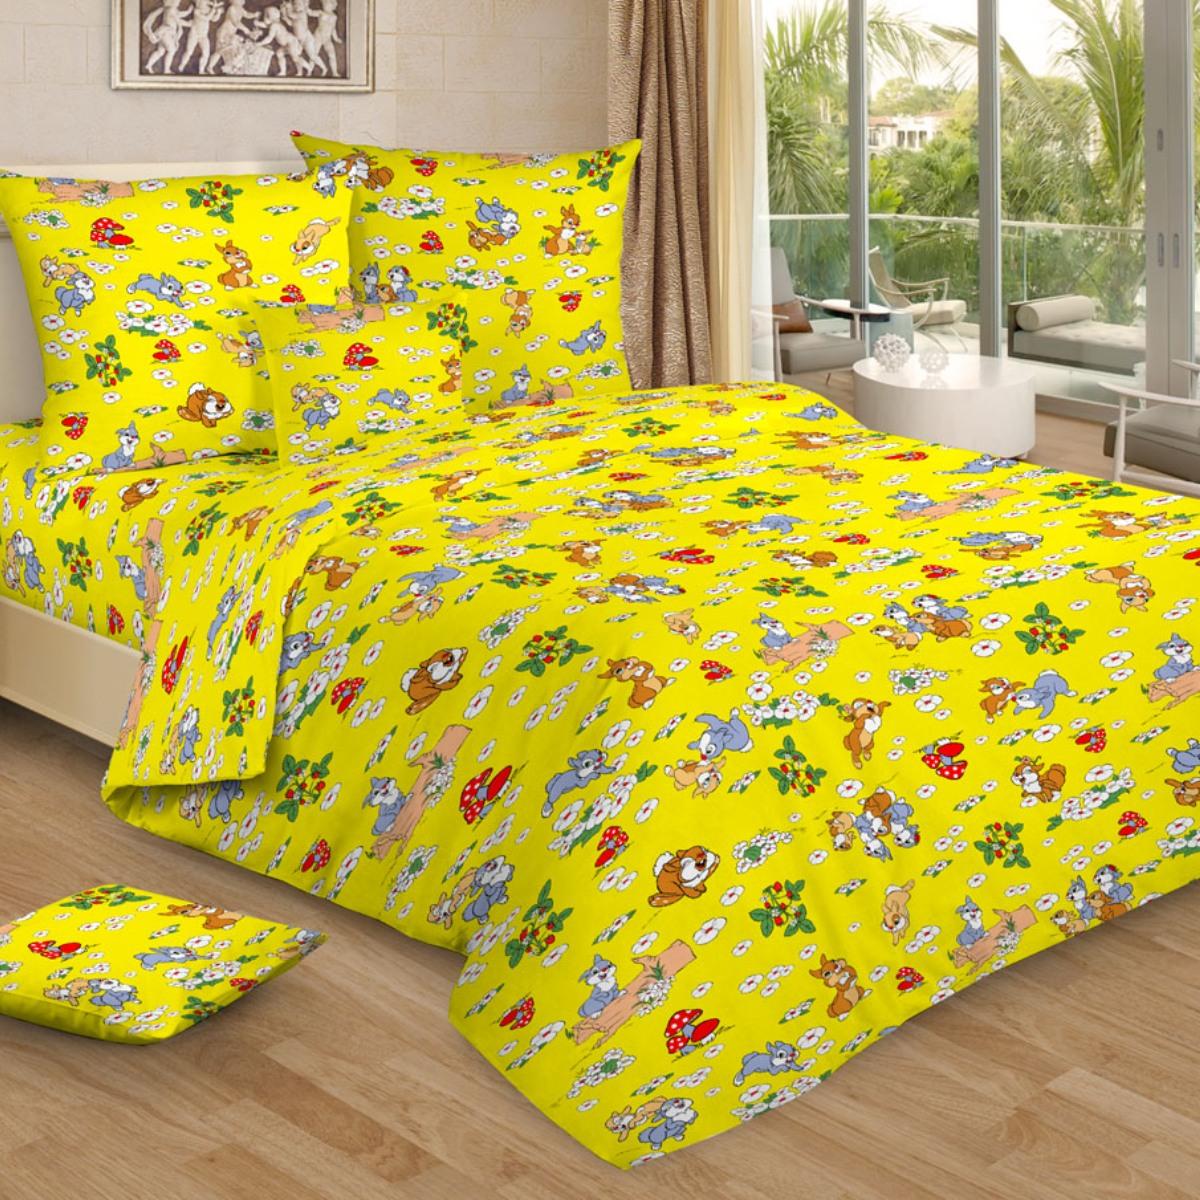 """Комплект белья детский Letto """"Веселые зайчата"""", 1,5-спальный, наволочки 50x70, цвет: желтый"""